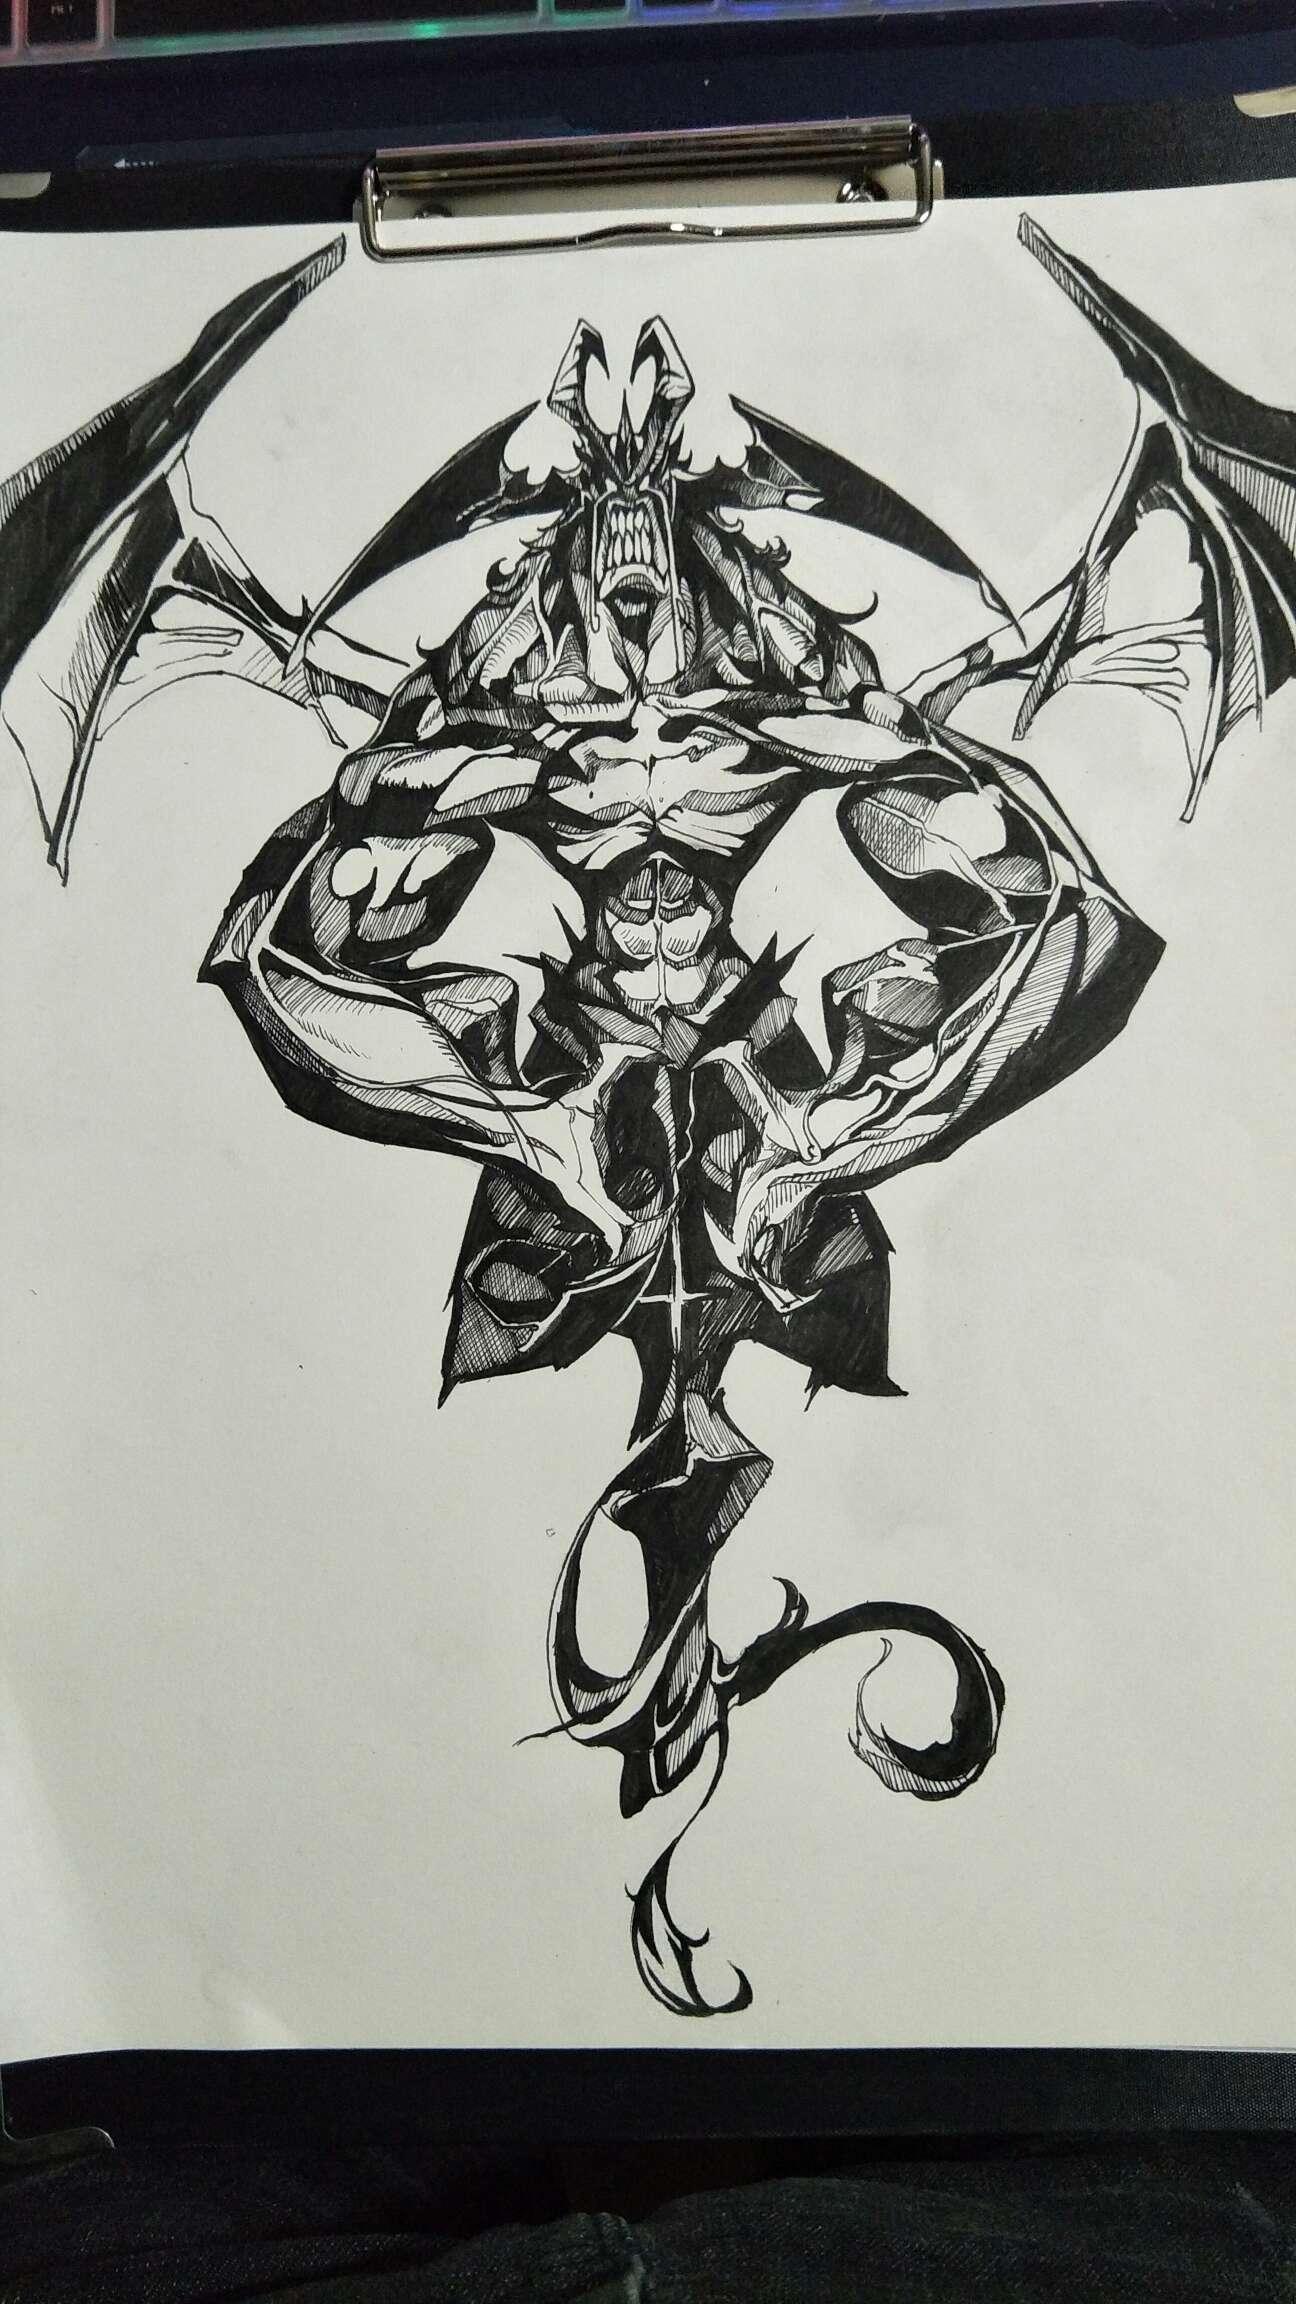 【手绘】恶魔人,性感二次元黄漫